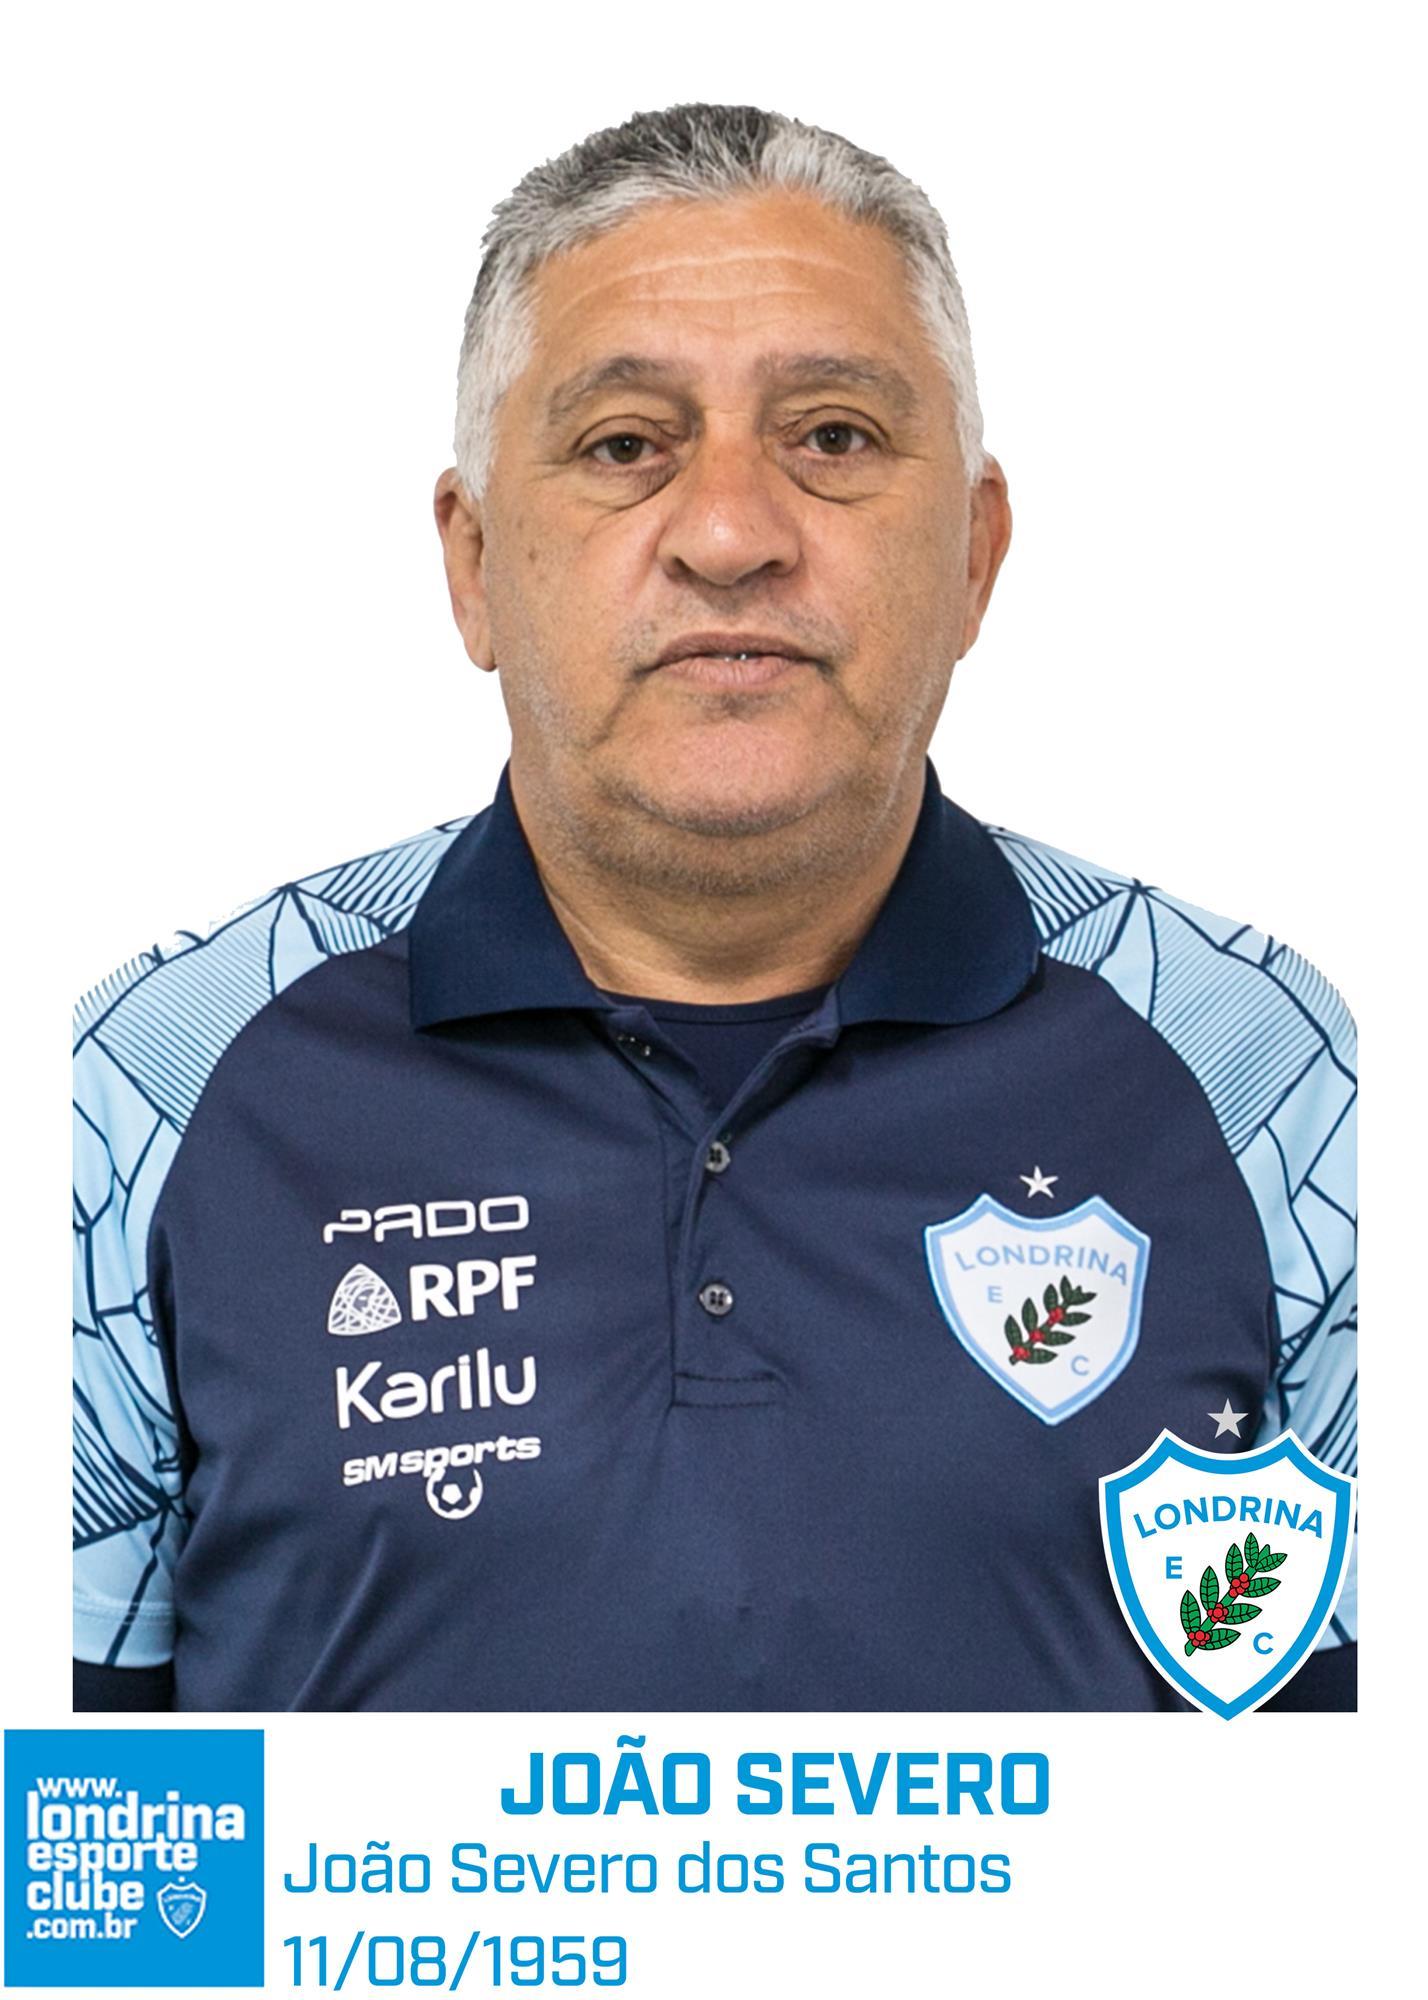 João Severo